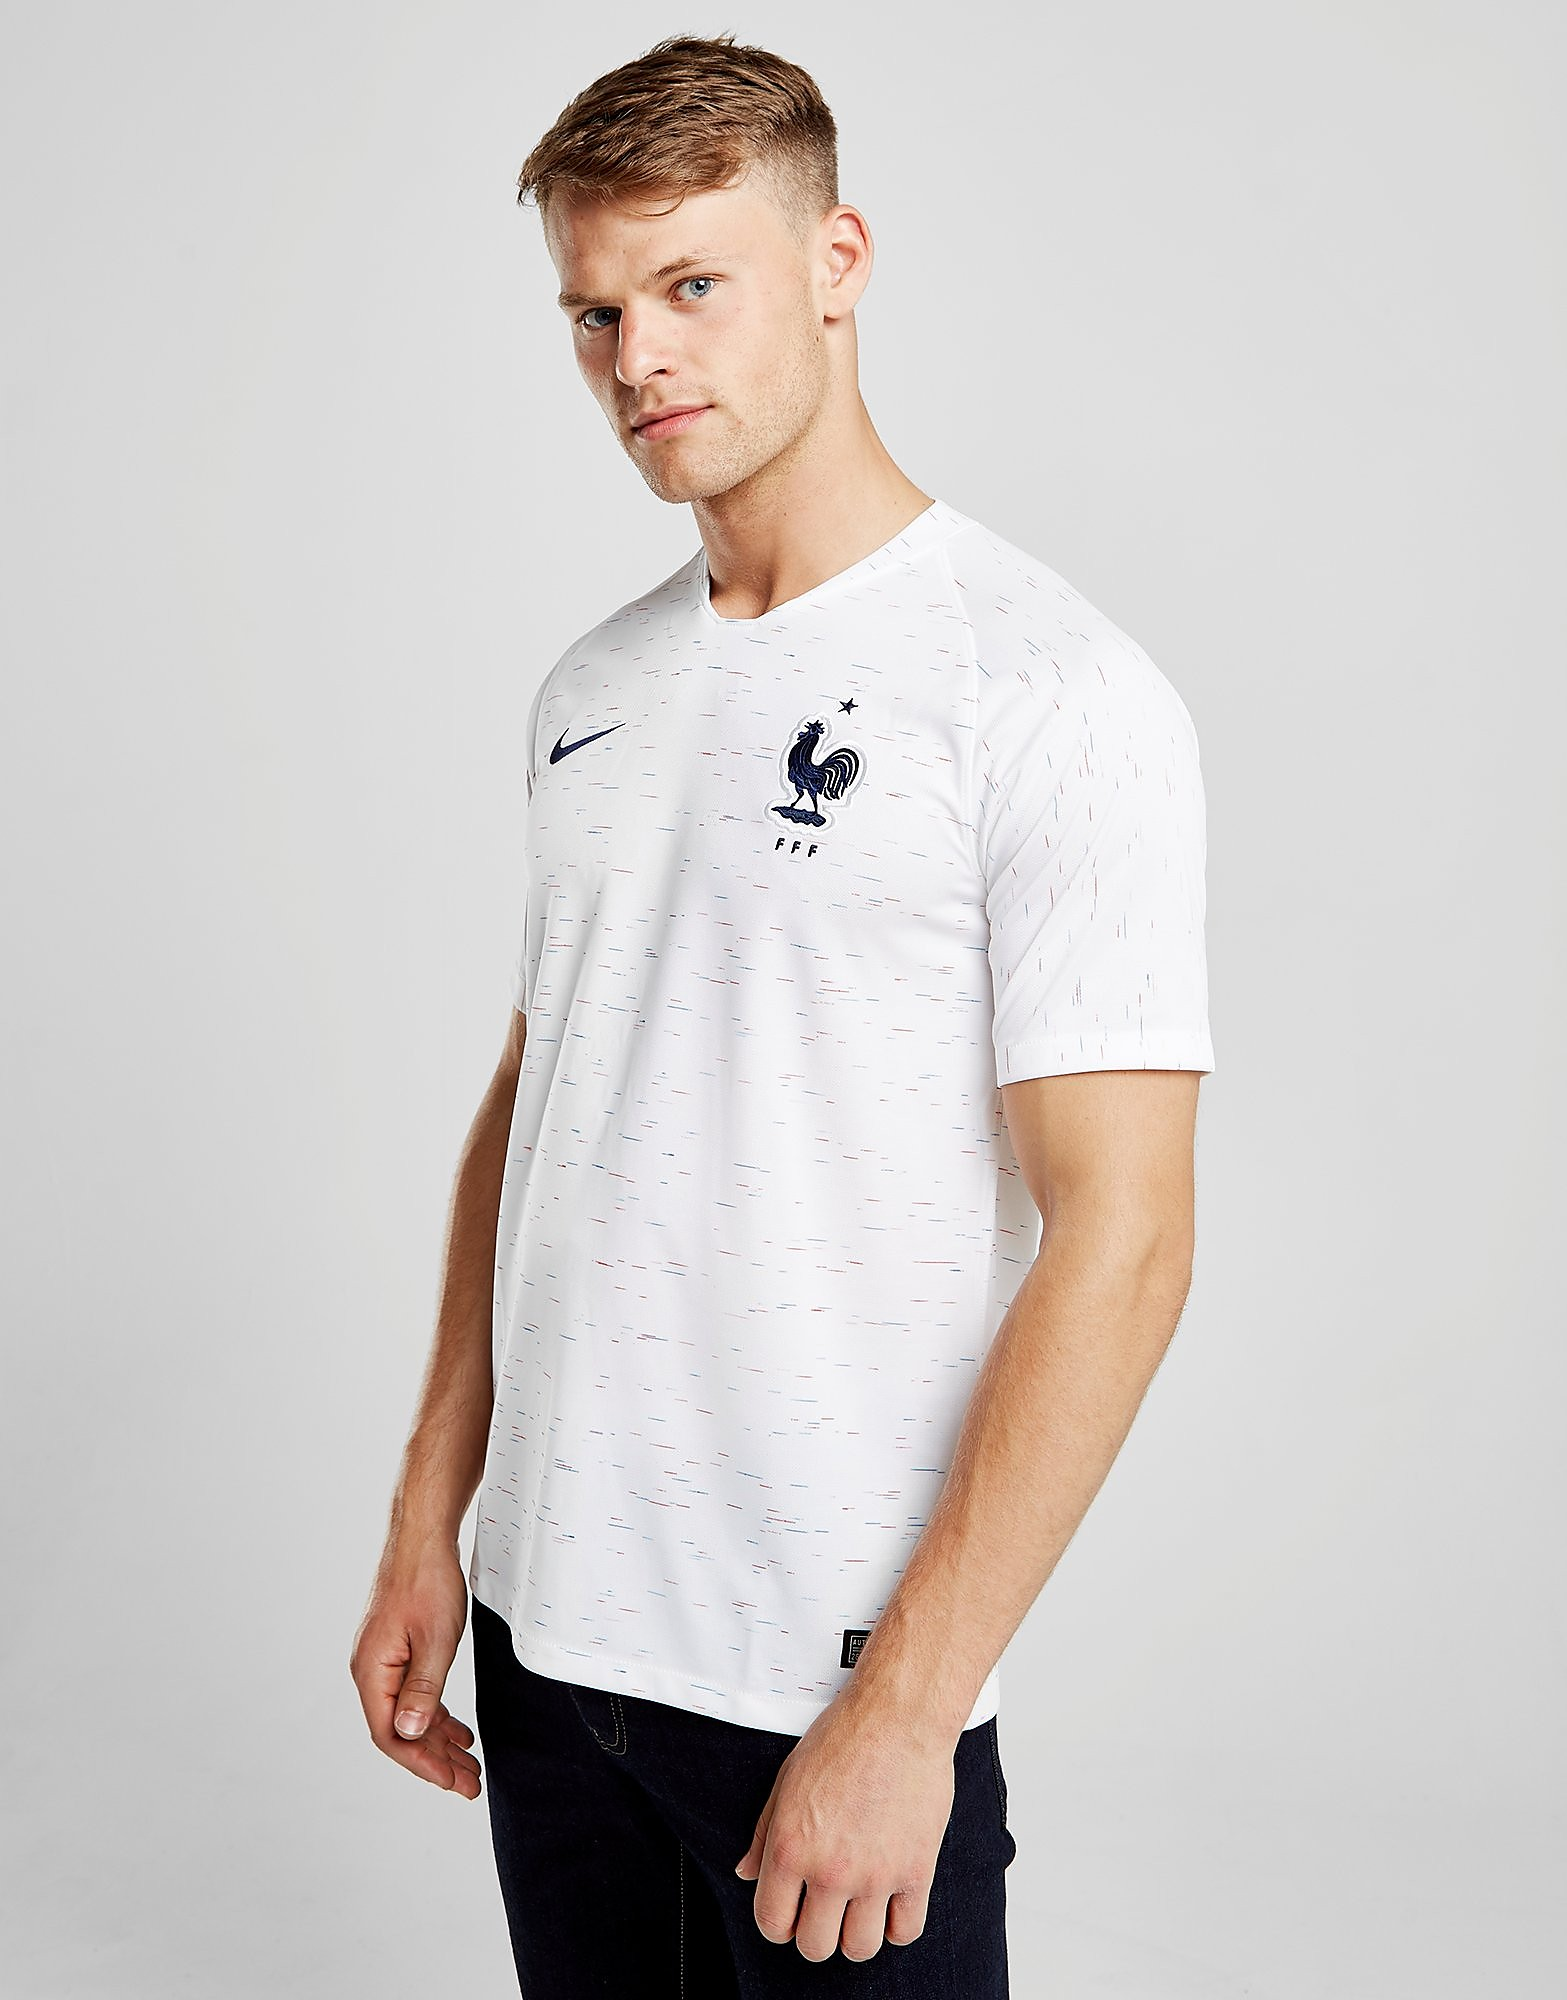 Nike Maillot Extérieur France 2018 Homme